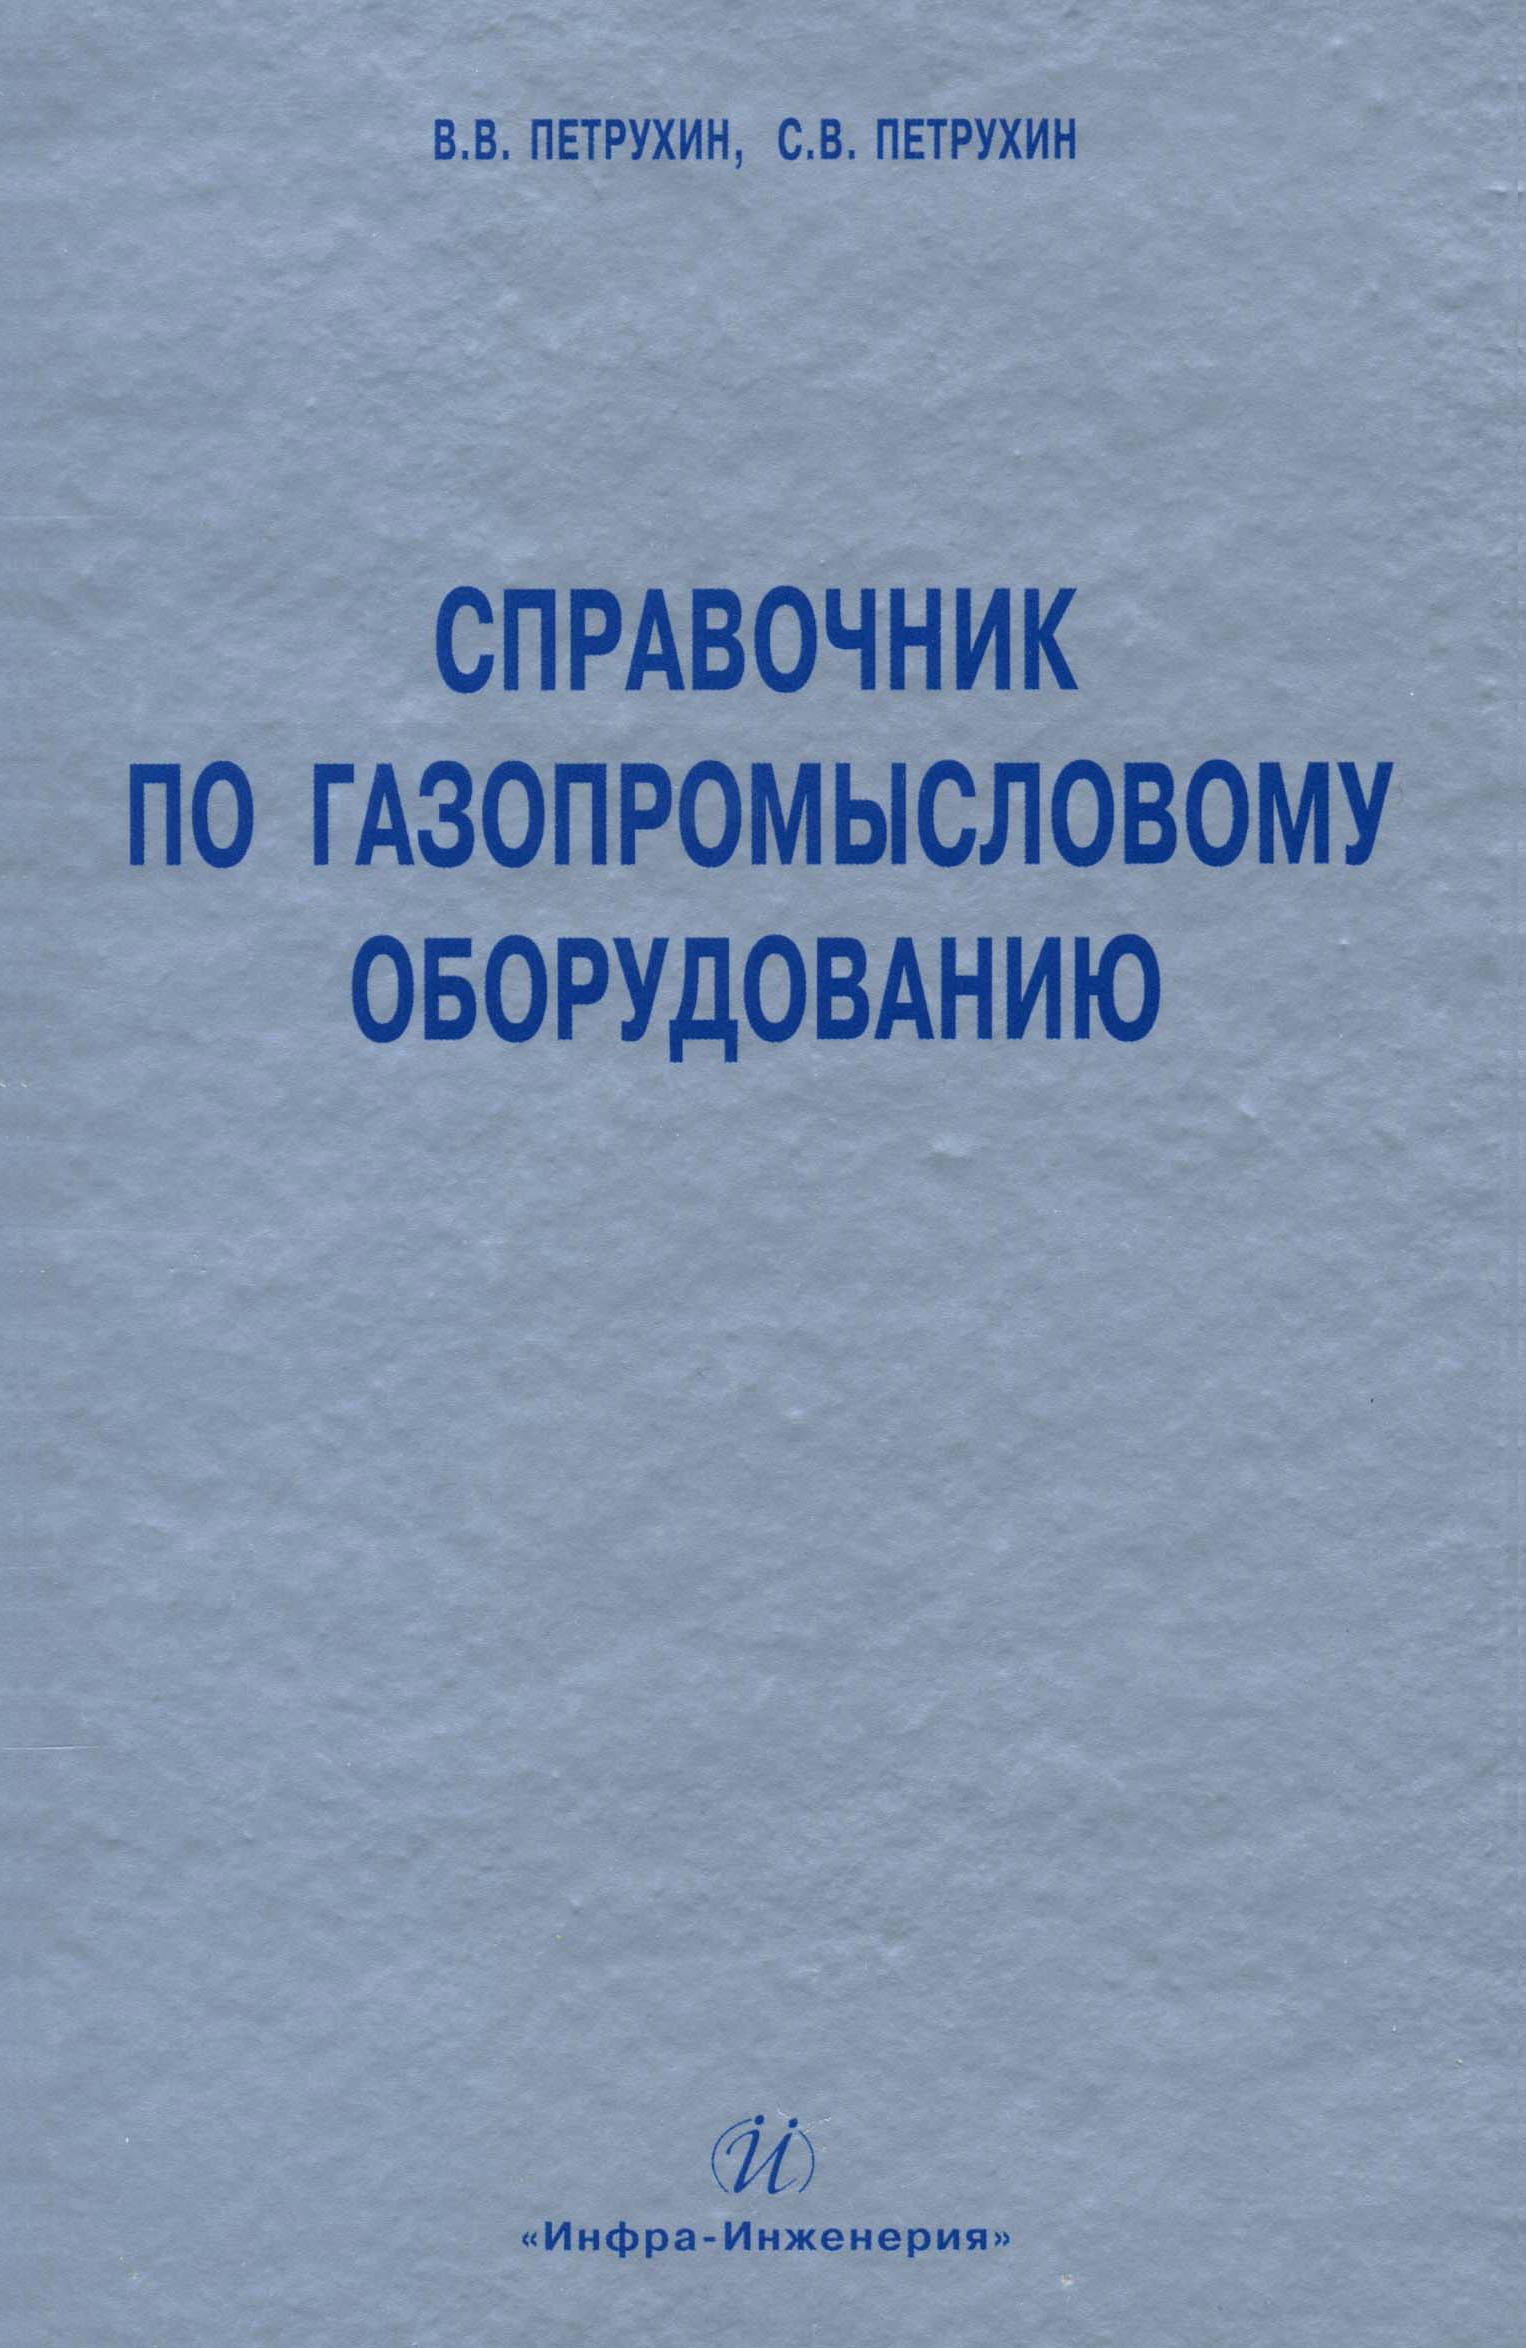 С. В. Петрухин Справочник по газопромысловому оборудованию